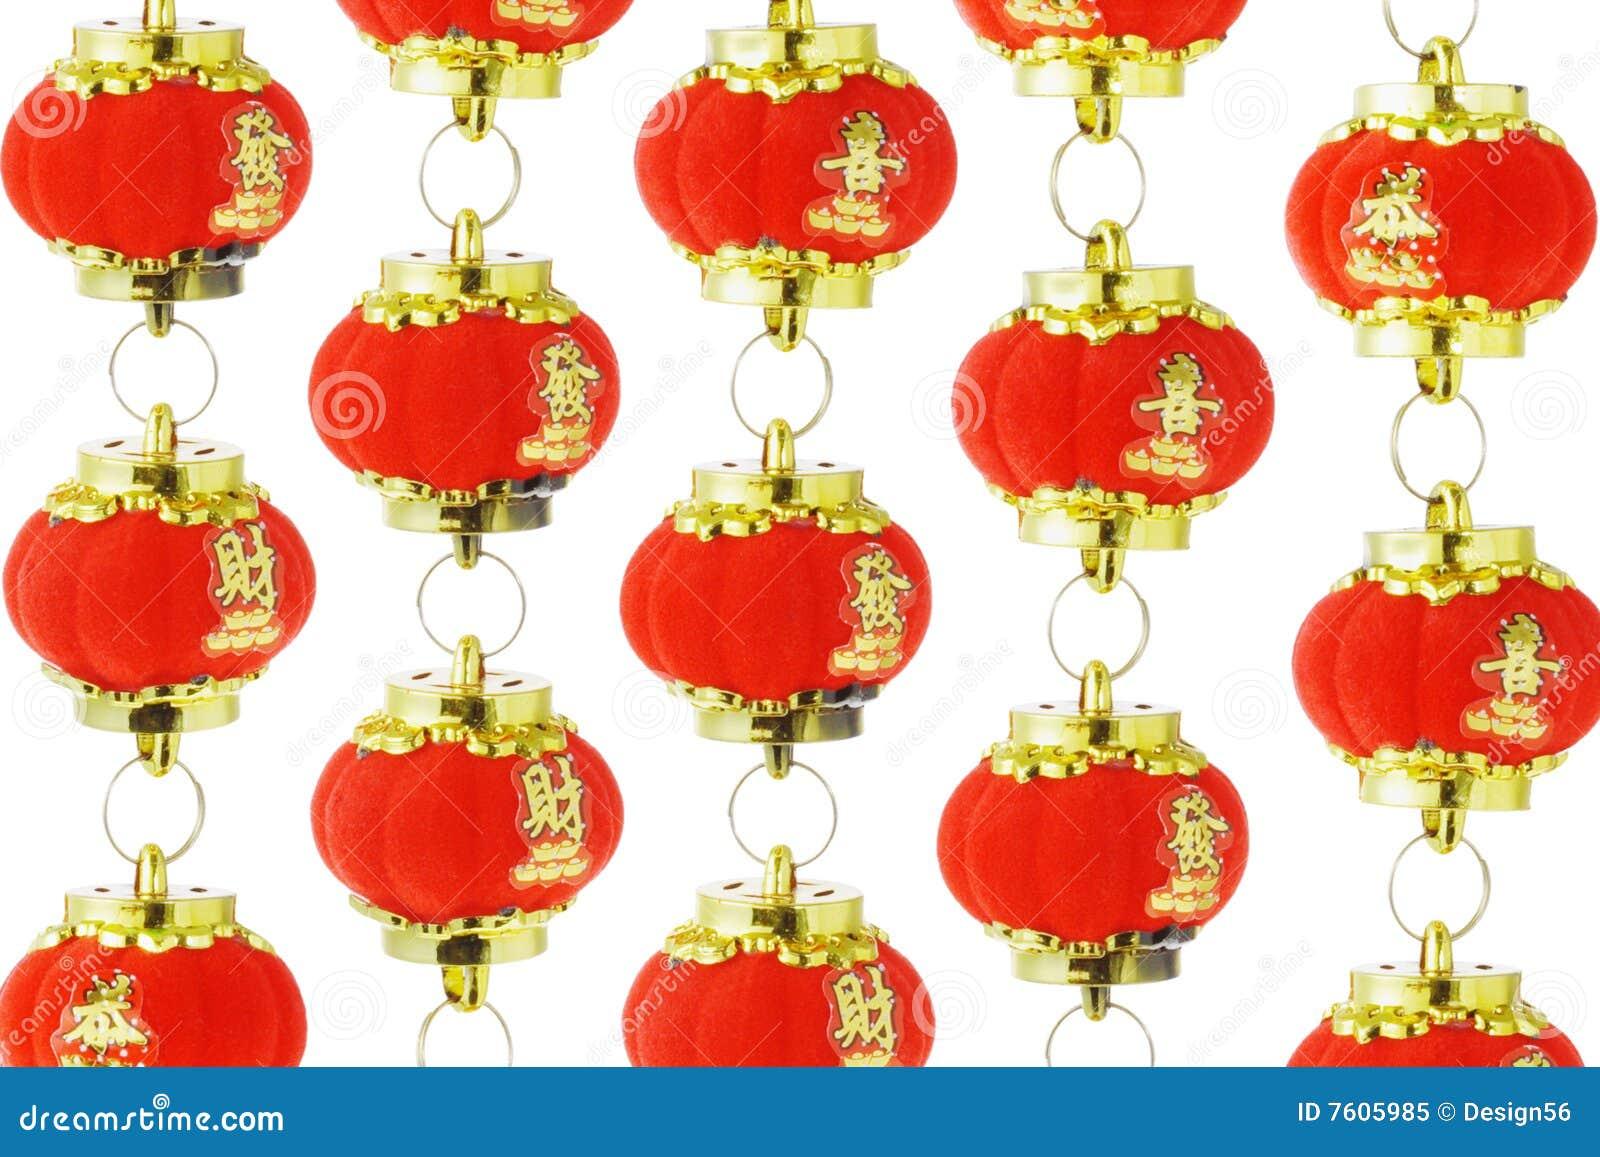 中国灯笼装饰红色